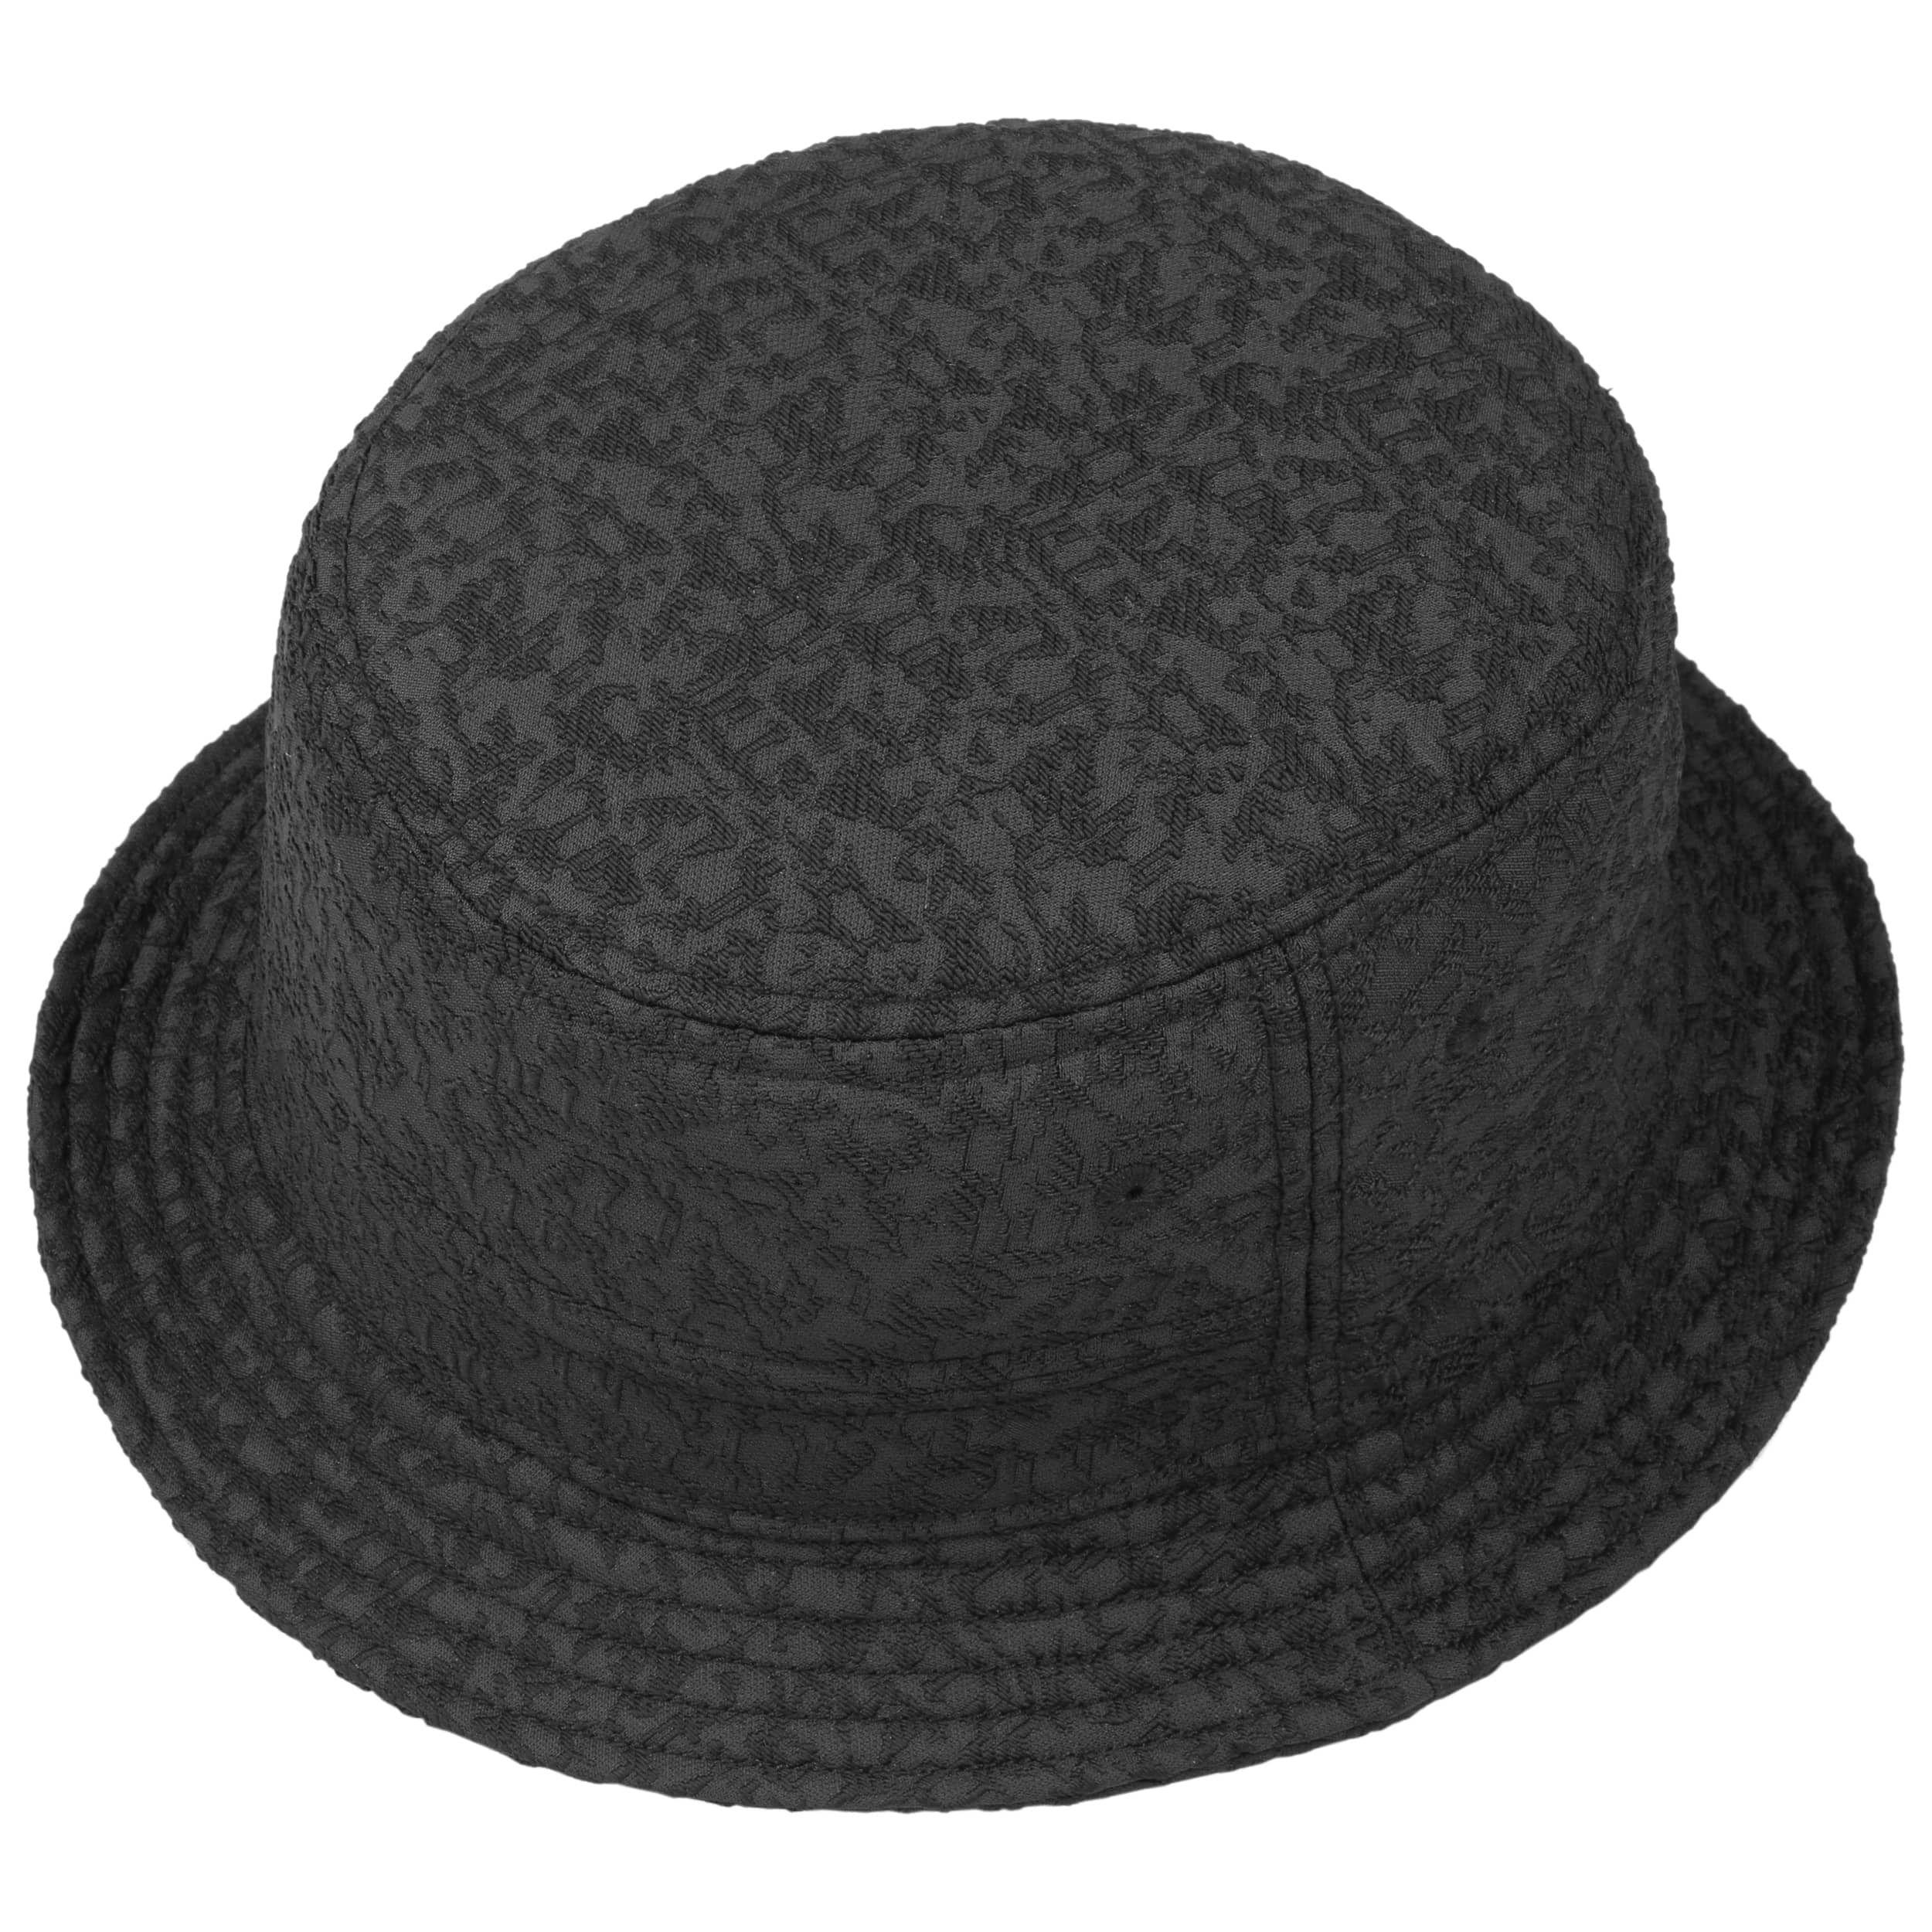 Camolan Bucket Fischerhut schwarz